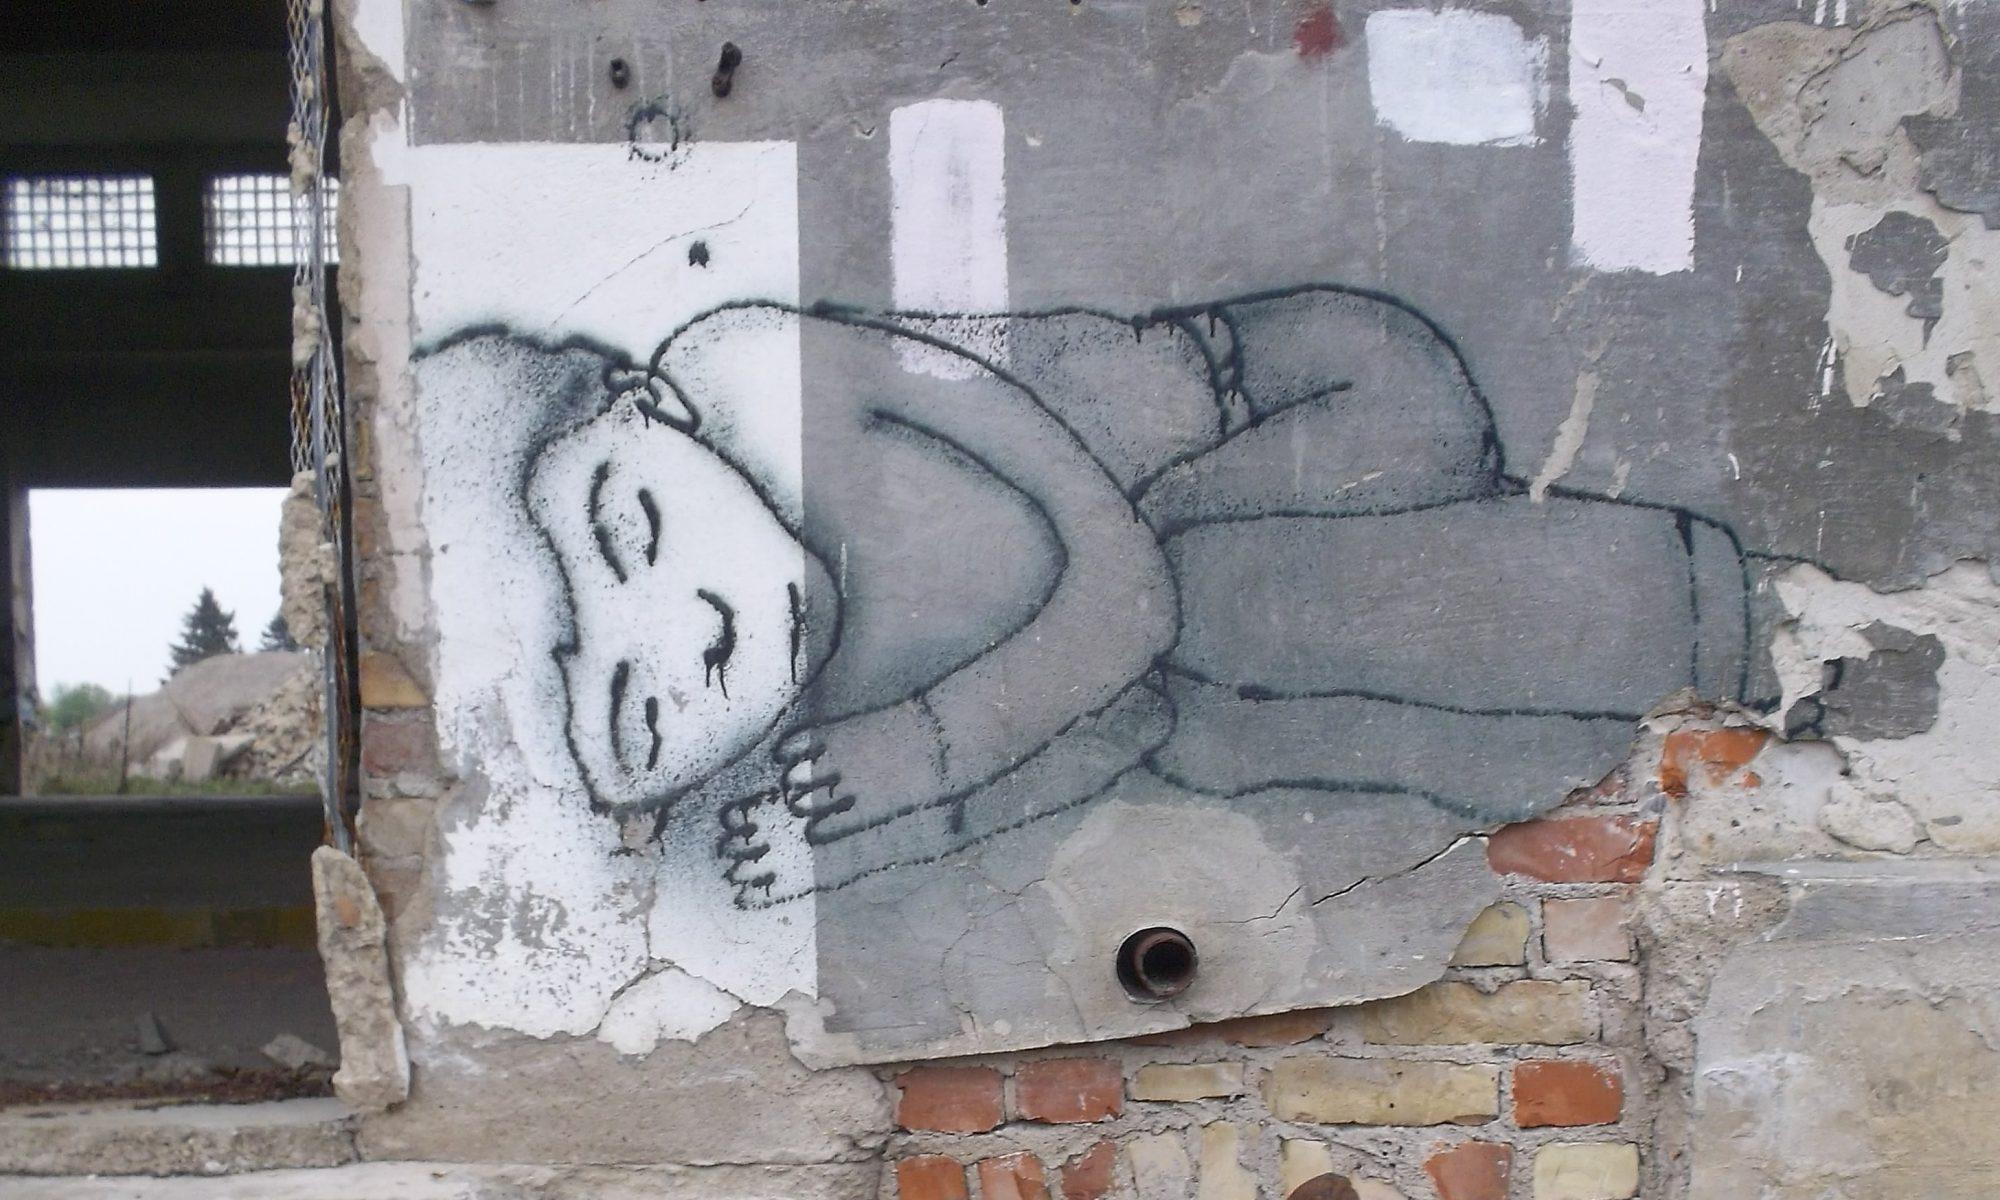 Foto: Grafiti eine schlafenden Person auf einer Bauruine